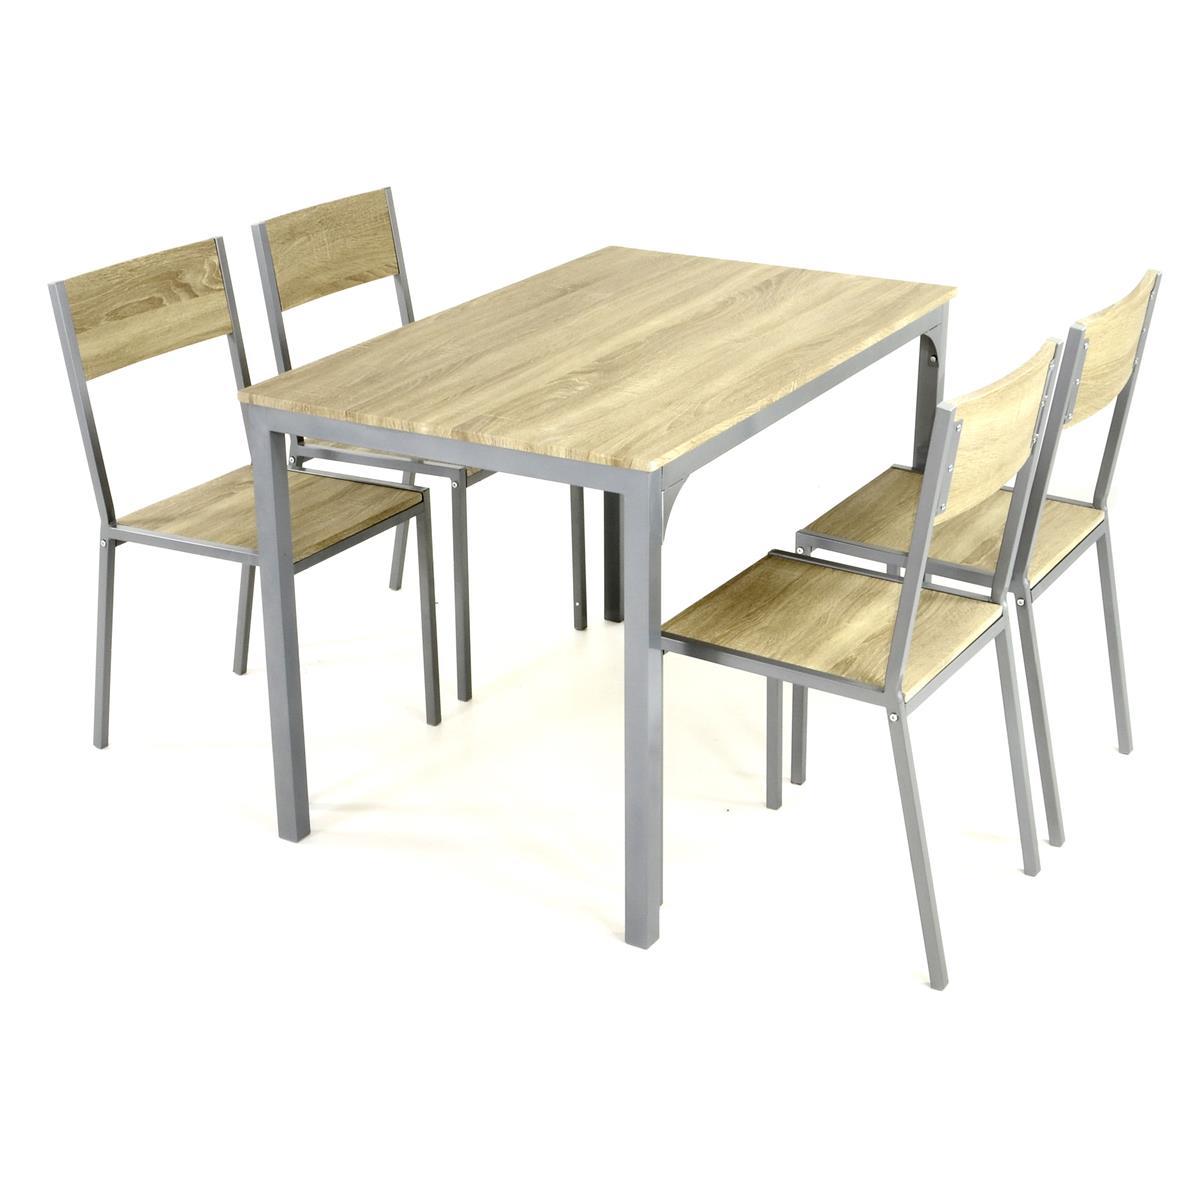 5 tlg Küchenset Sitzgruppe 1 Tisch 4 Stühle Esstisch ...